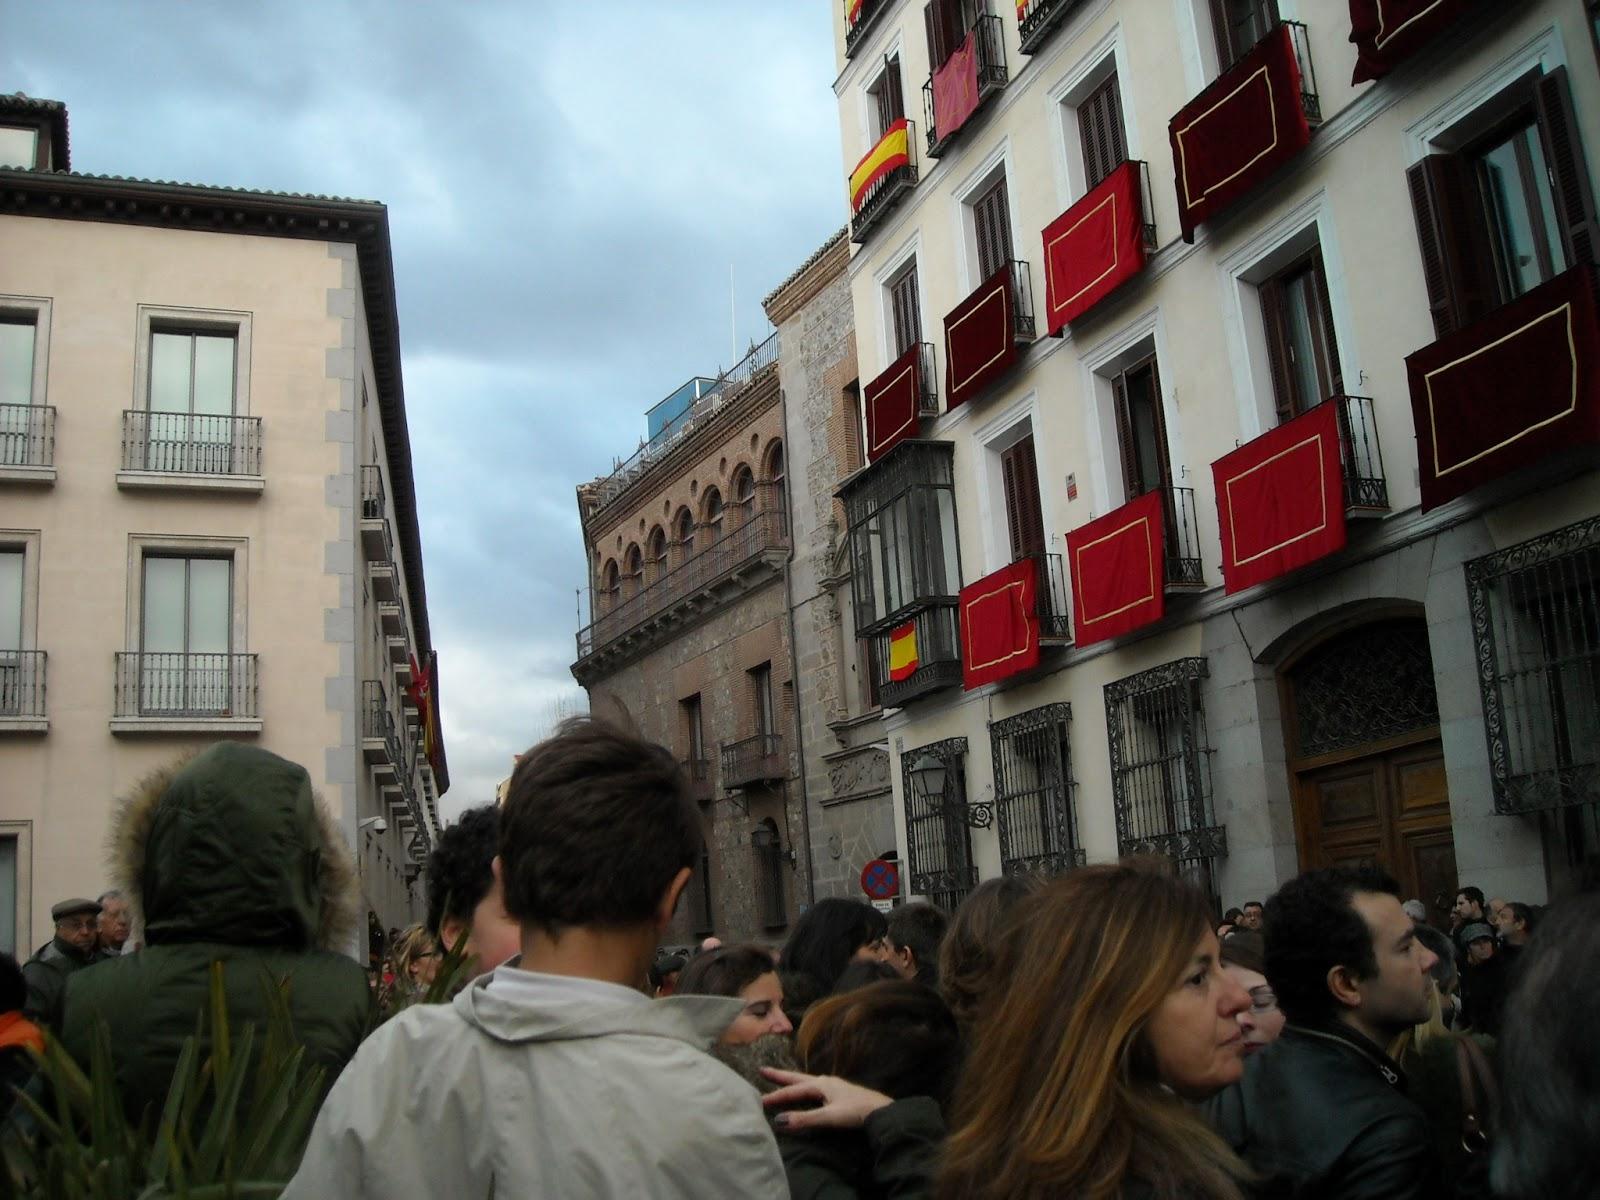 Procesiones en madrid el madrid de los artesanos - Artesanos de madrid ...